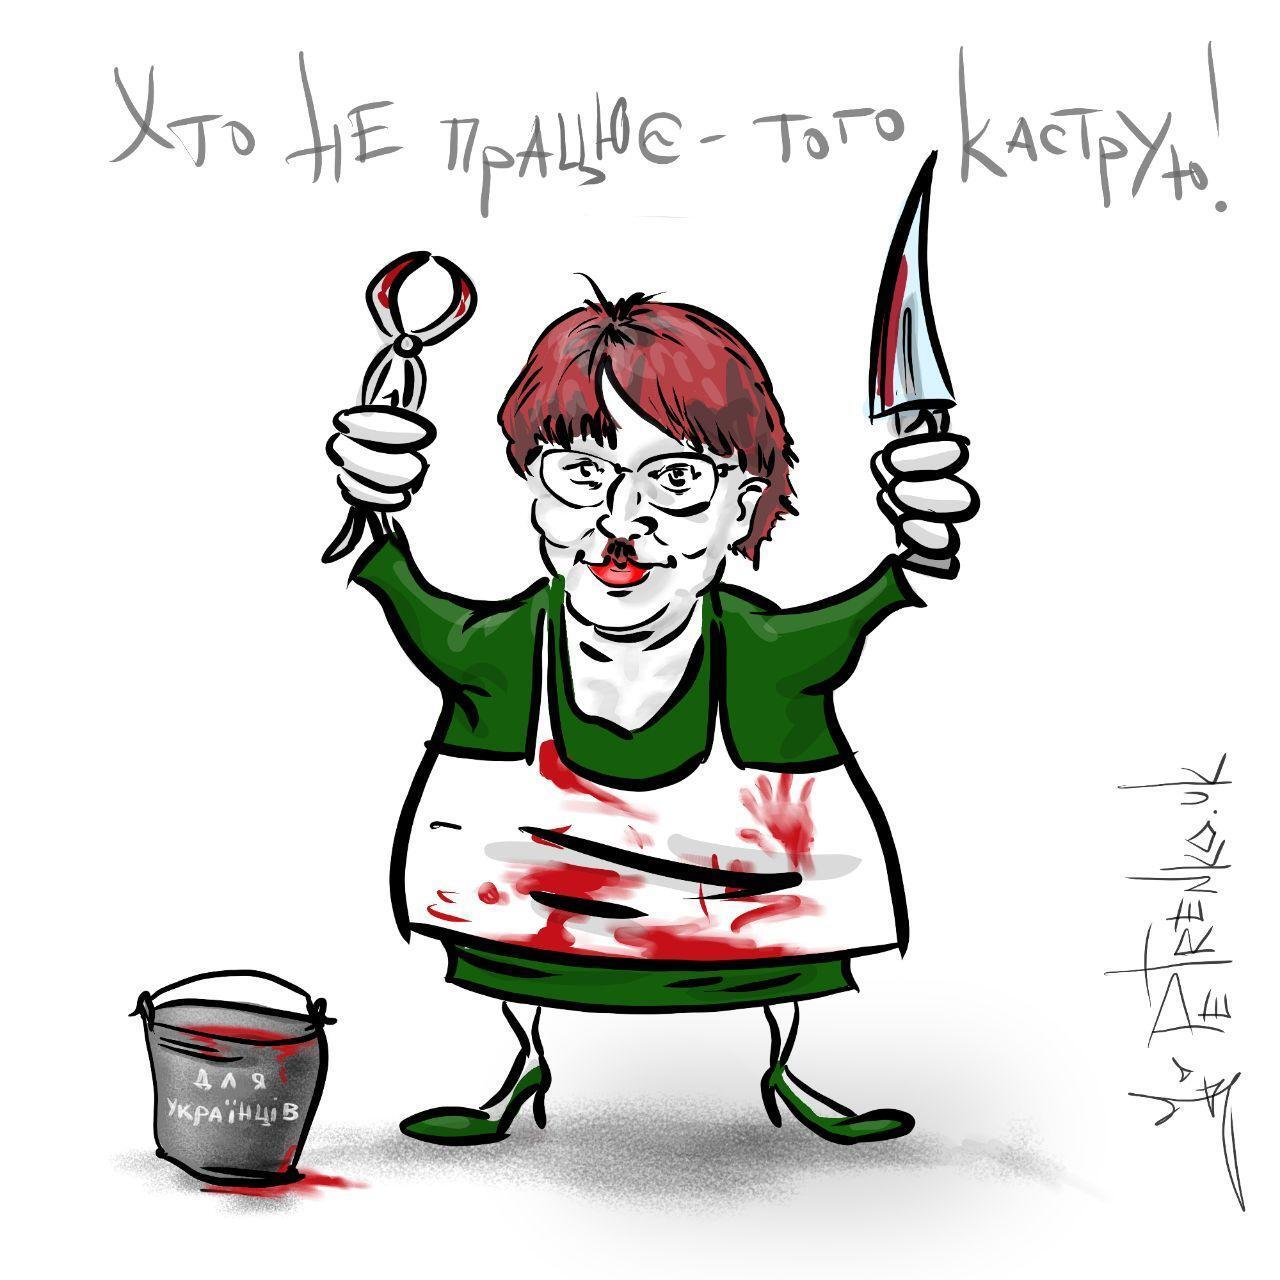 Карикатура на Третьякову